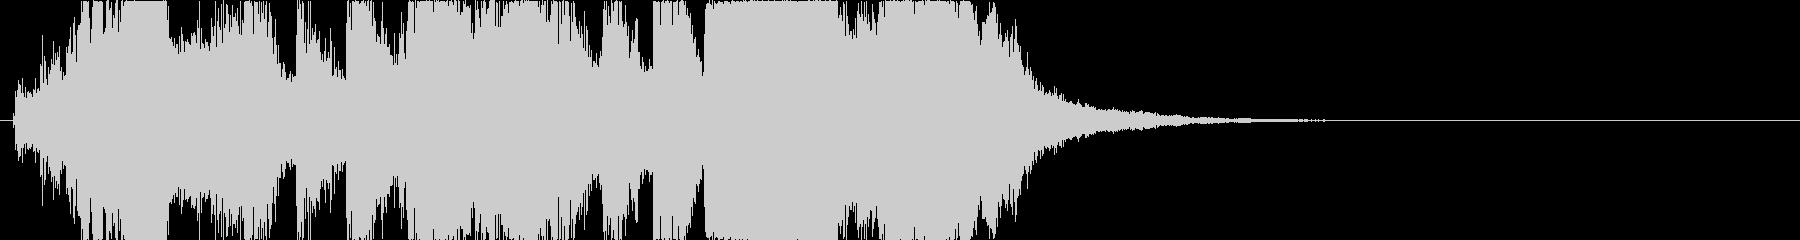 09 ホルンを中心としたファンファーレの未再生の波形